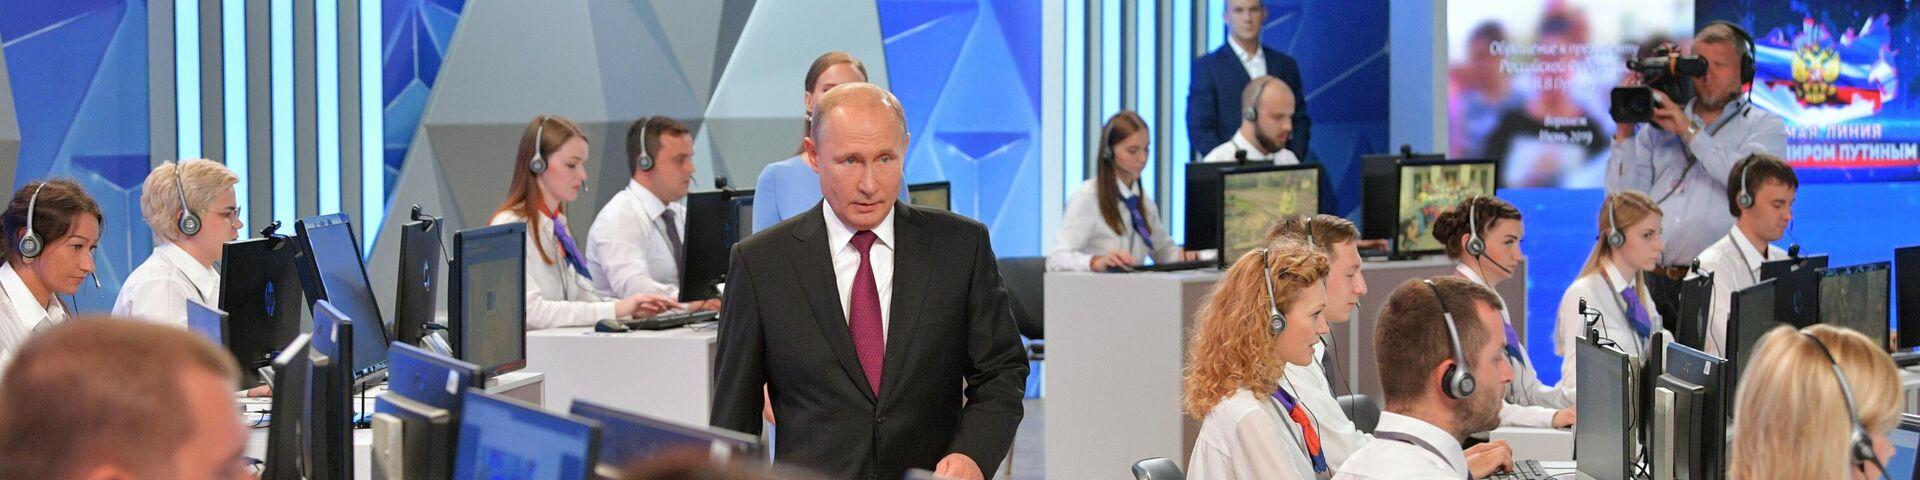 Президент РФ Владимир Путин перед началом ежегодной специальной программы Прямая линия с Владимиром Путиным  - РИА Новости, 1920, 28.06.2021